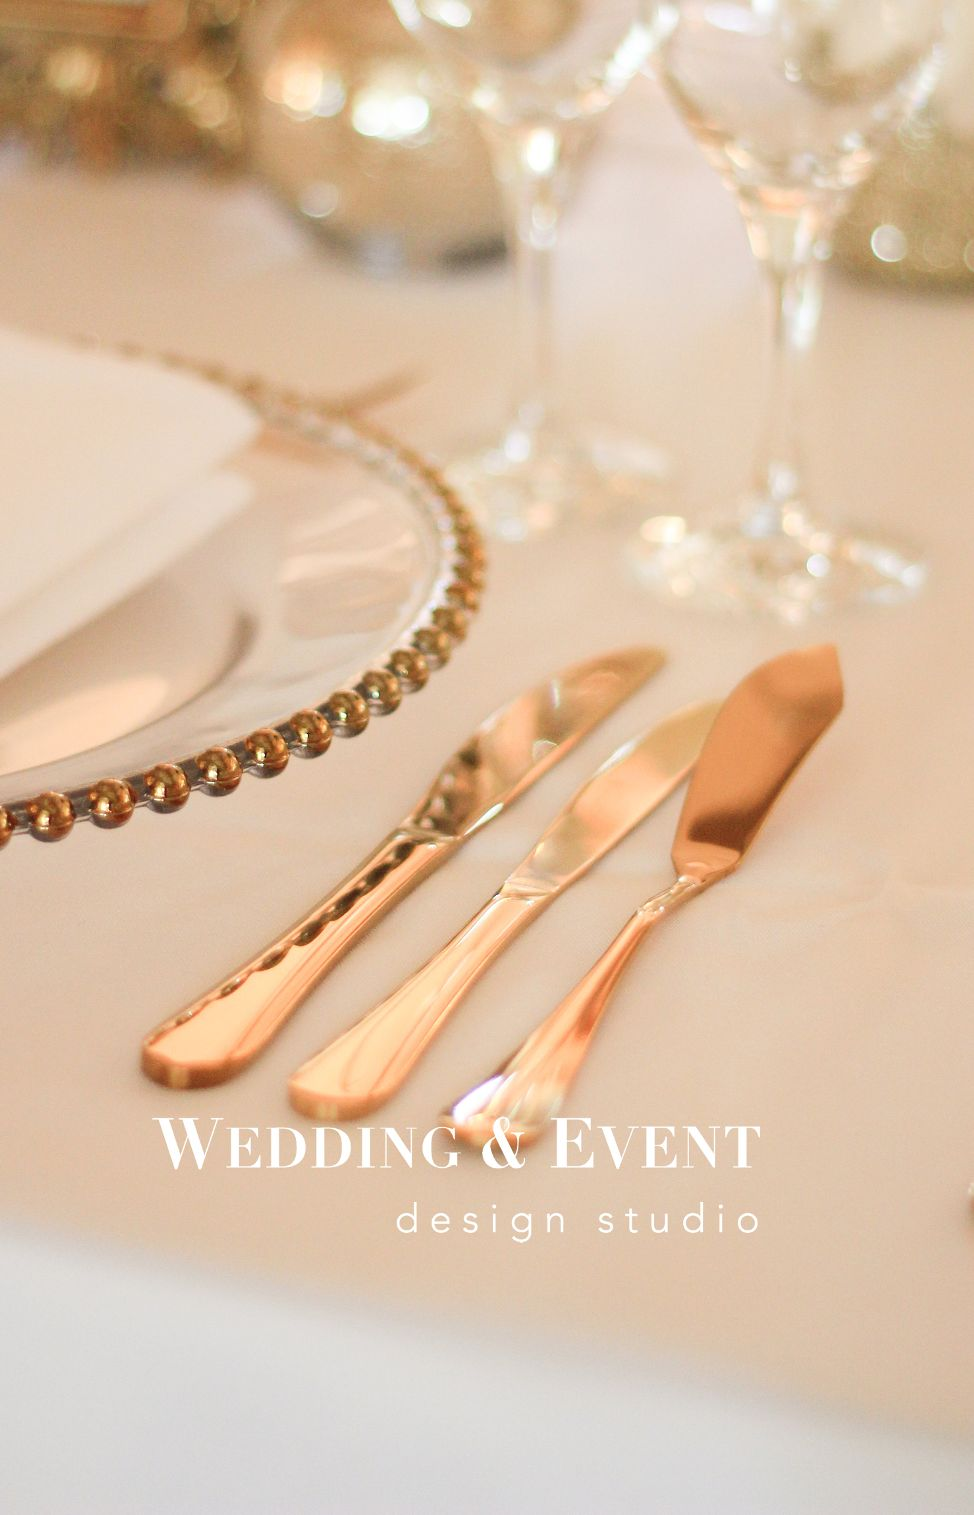 Goldenes Besteck Gold Hochzeit Event Feierliche Tafel Tischdekoration Chiavari Crossback Besteck 5910432218 Mieten Erento Com